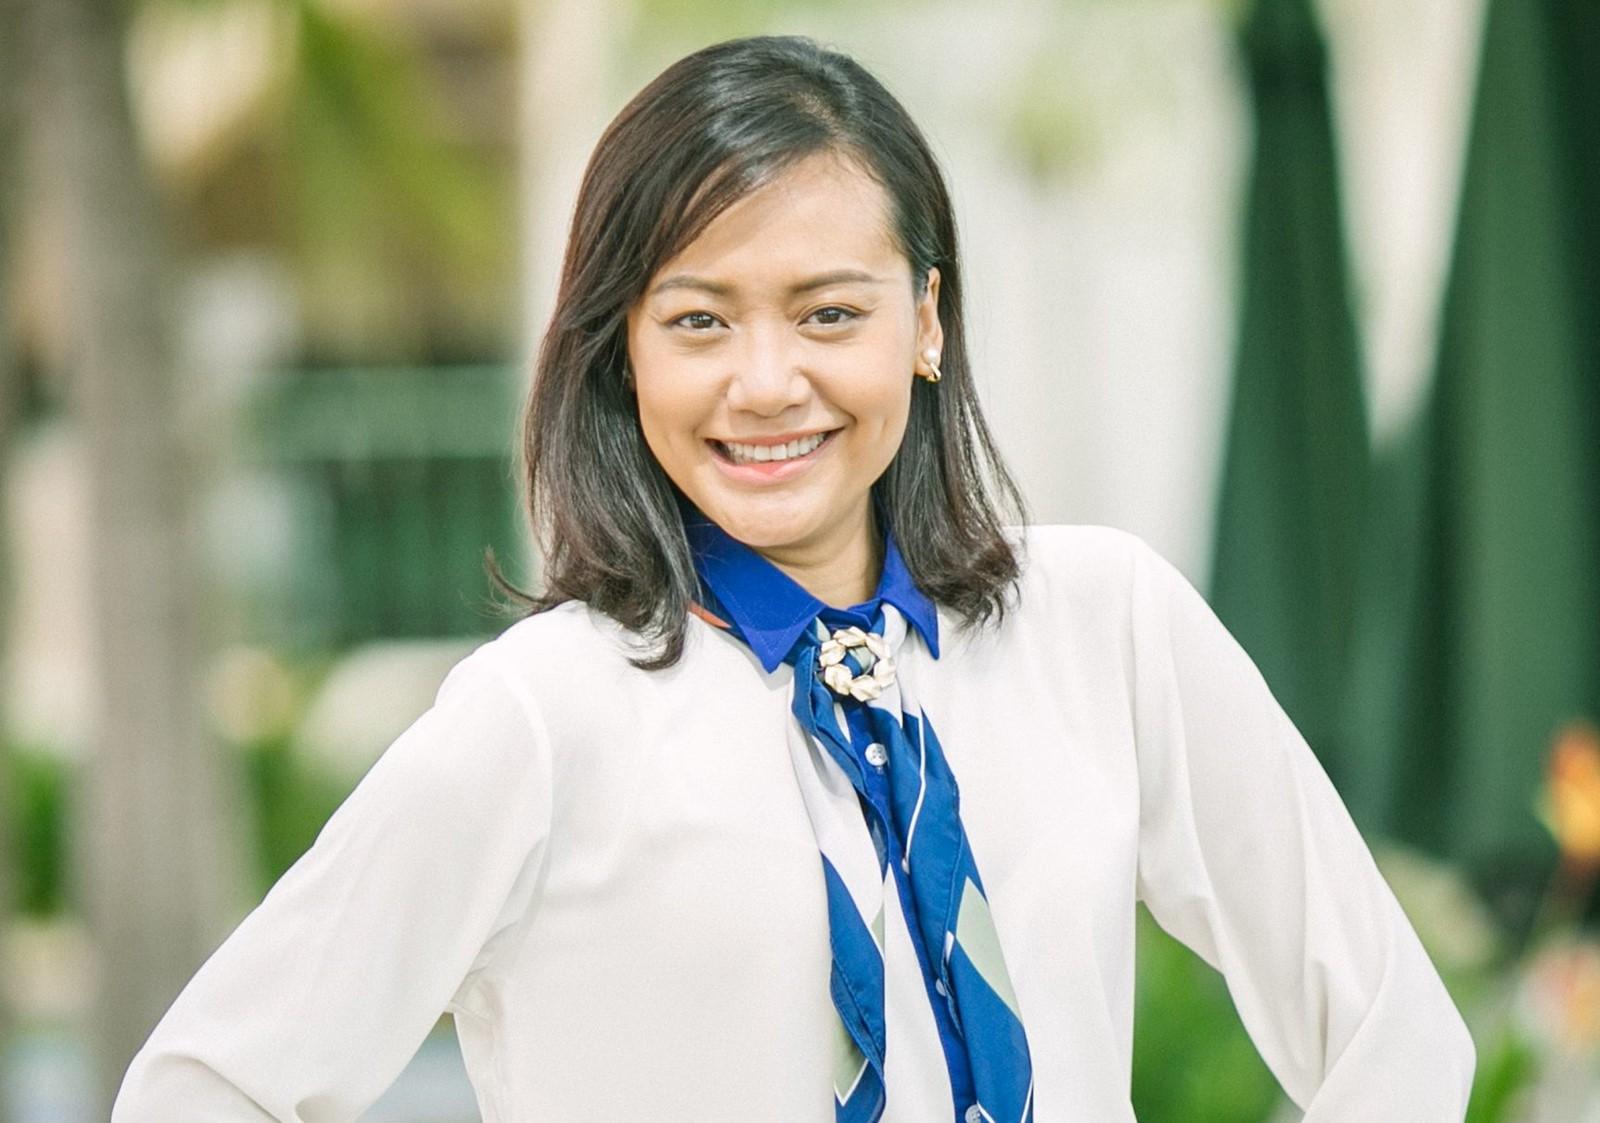 Ngô Thanh Vân, Trương Ngọc Ánh, Lý Nhã Kỳ, Hồng Ánh, Minh Hằng: 5 người phụ nữ ôm giấc mộng lớn của điện ảnh Việt Nam - Ảnh 12.